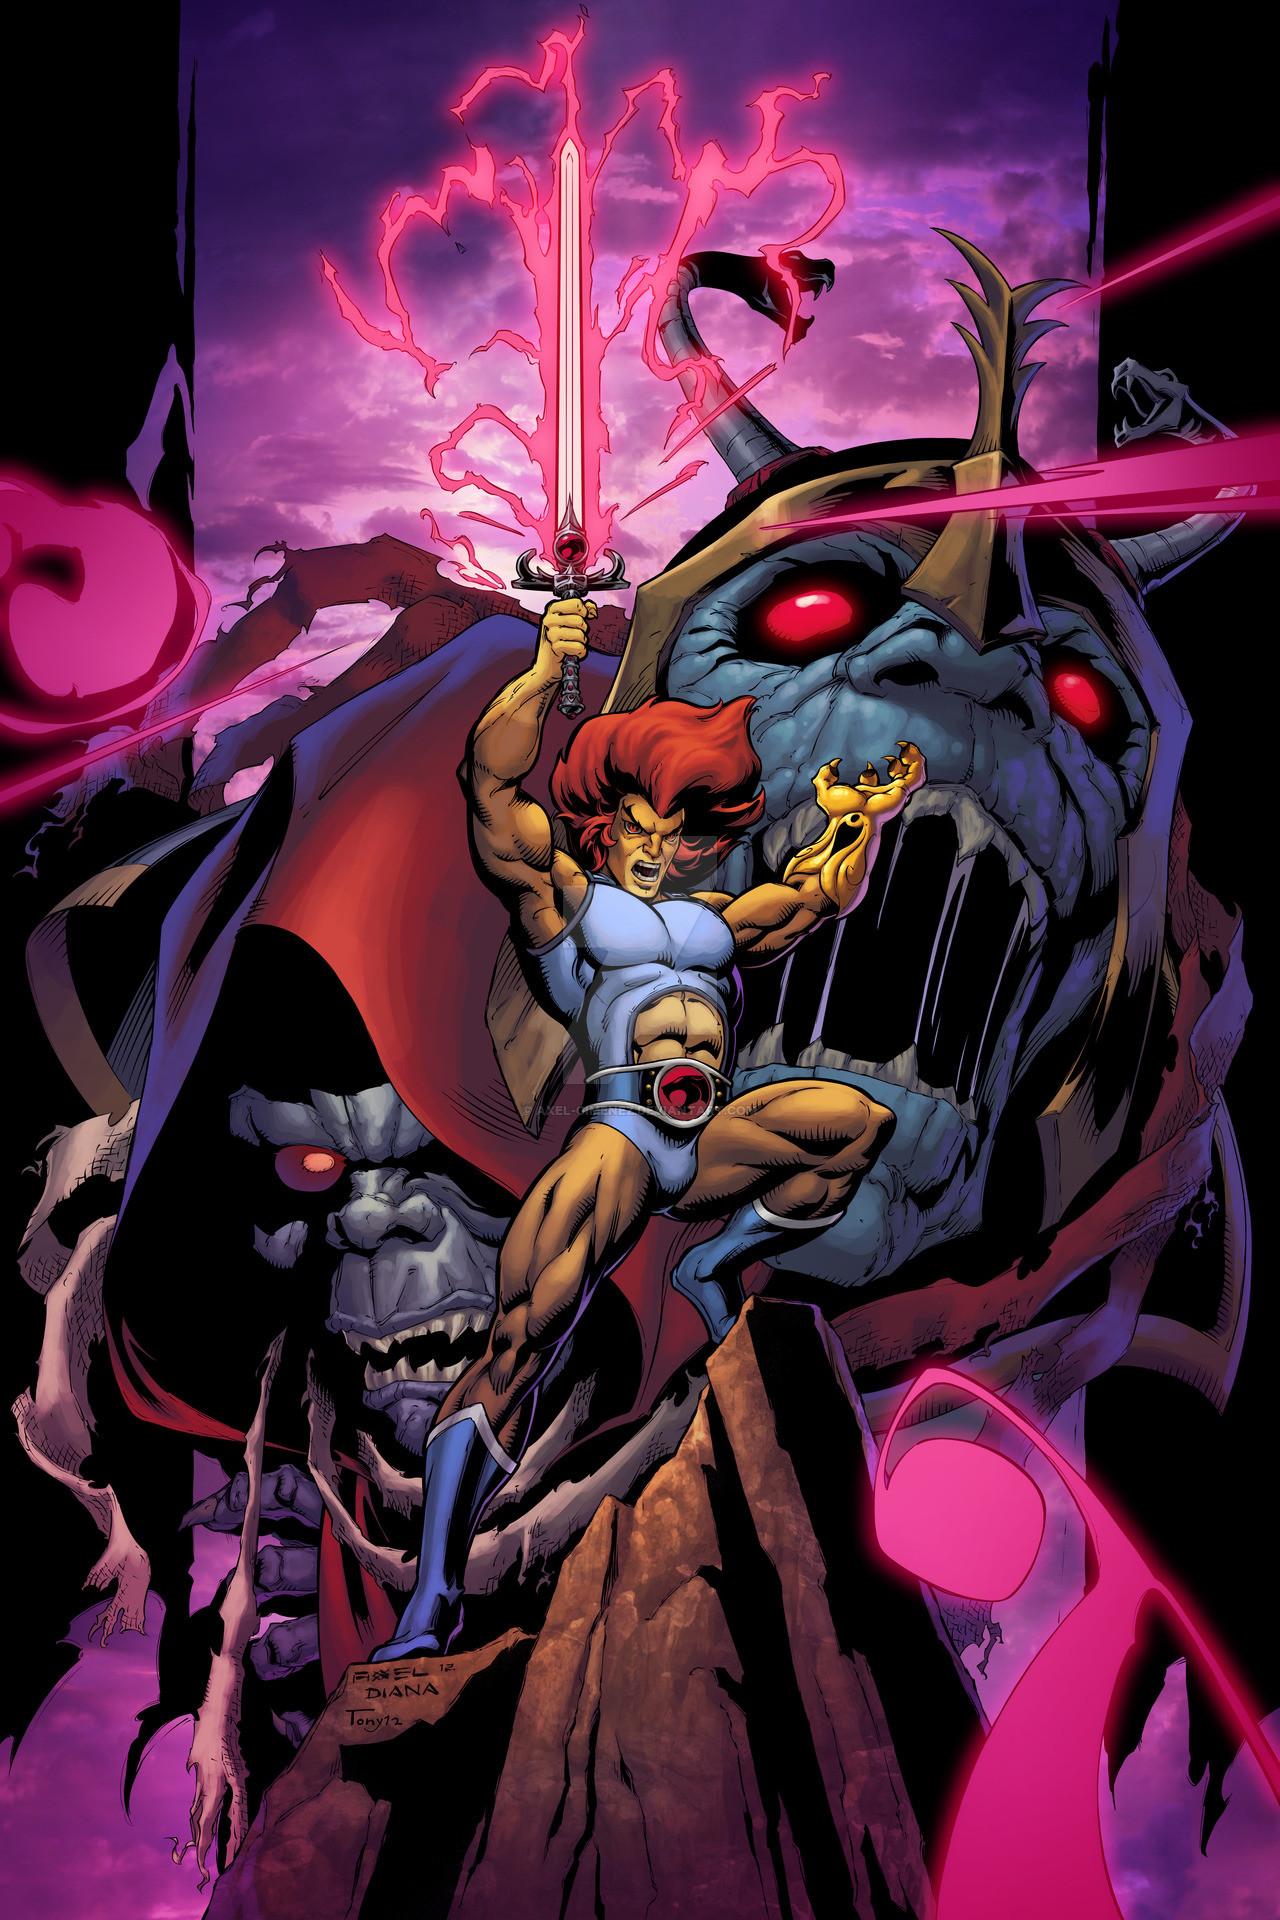 Download Wallpaper Superman 3d Thundercats Wallpaper Hd 67 Images